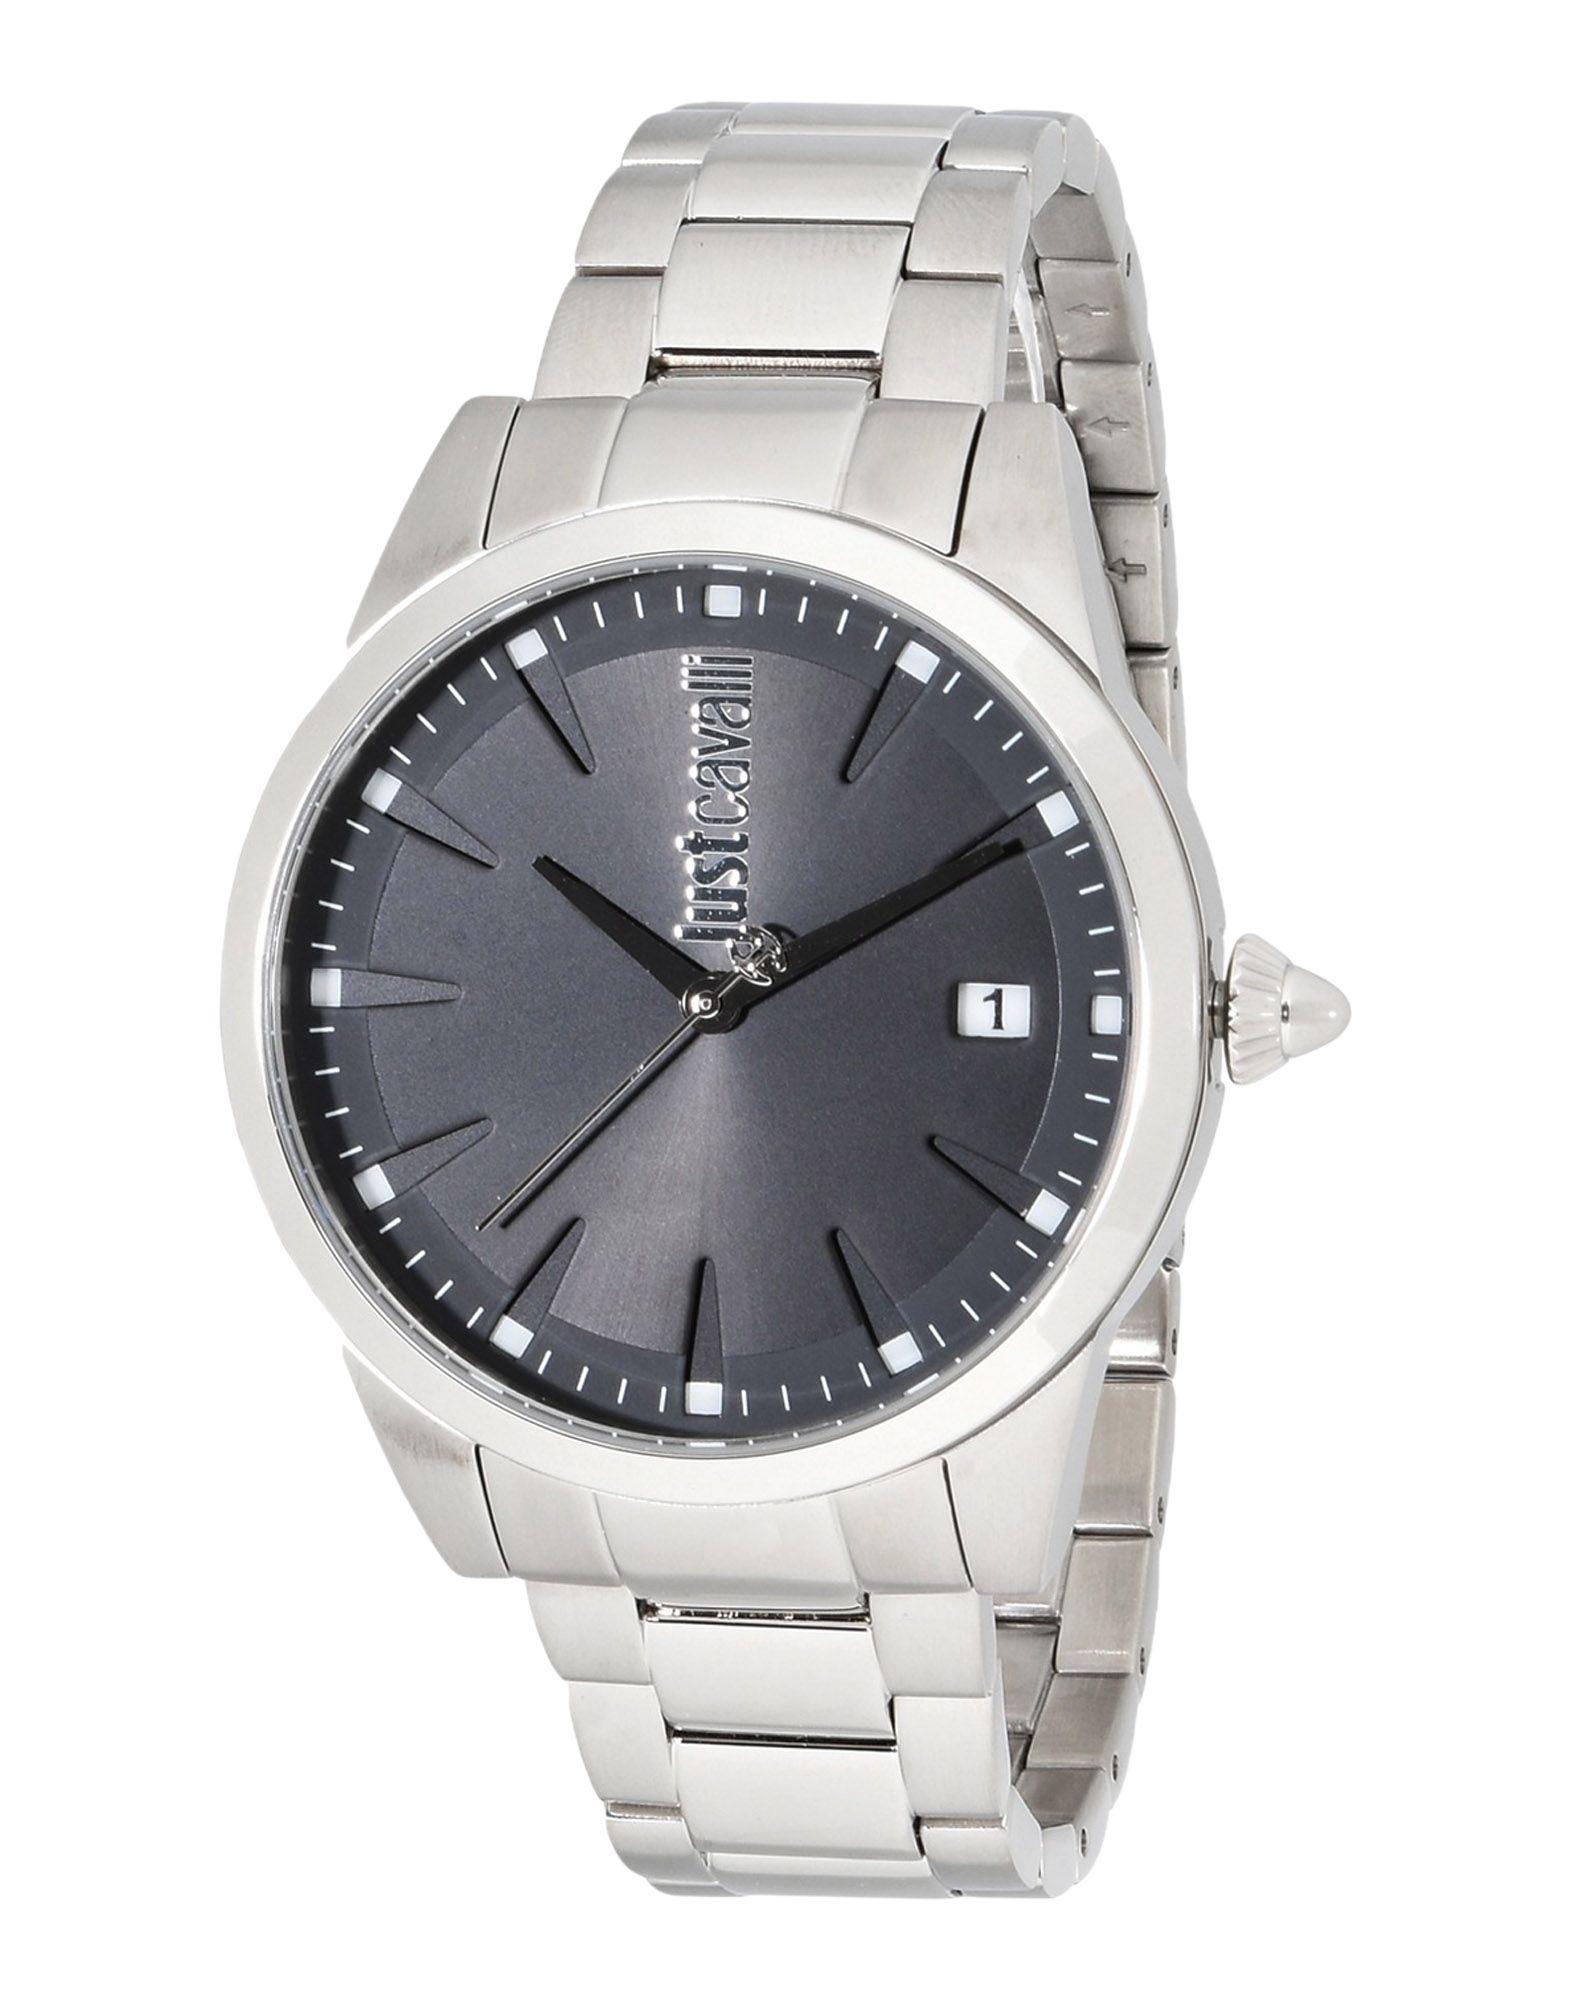 JUST CAVALLI Наручные часы часы женщины роскошные часы золото стальные женские платья наручные часы relogio feminino